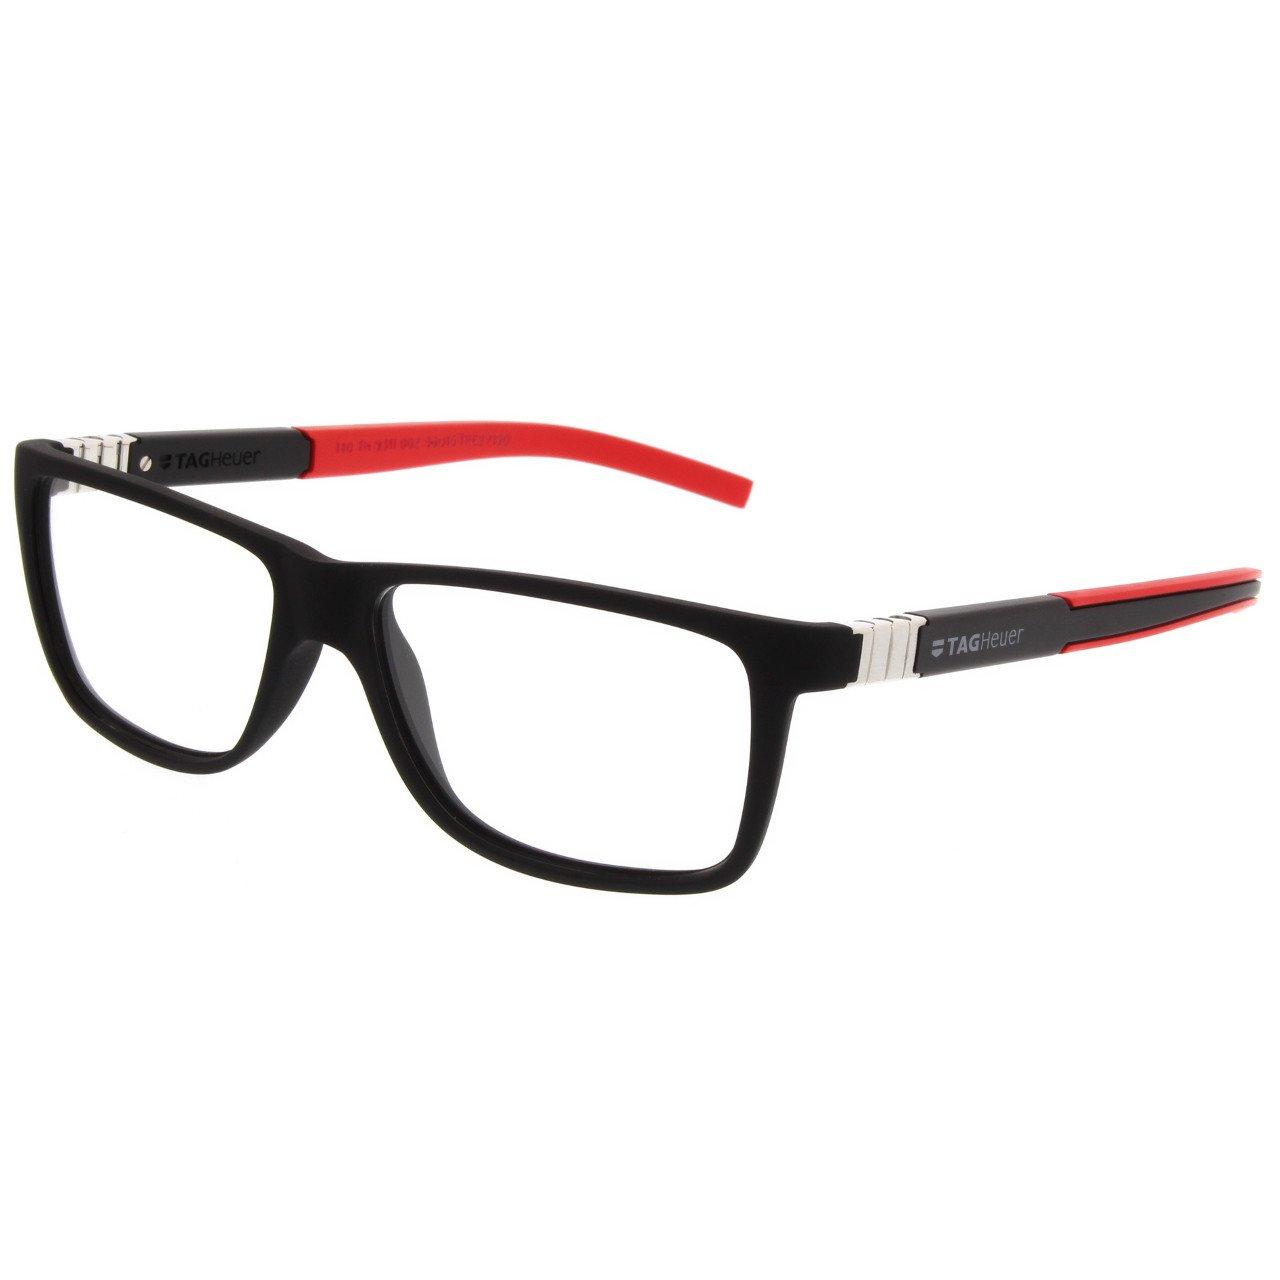 Tag Heuer Designer Optical Eyeglasses 9312 Legend Unisex Frames (Black / Red) by TAG Heuer